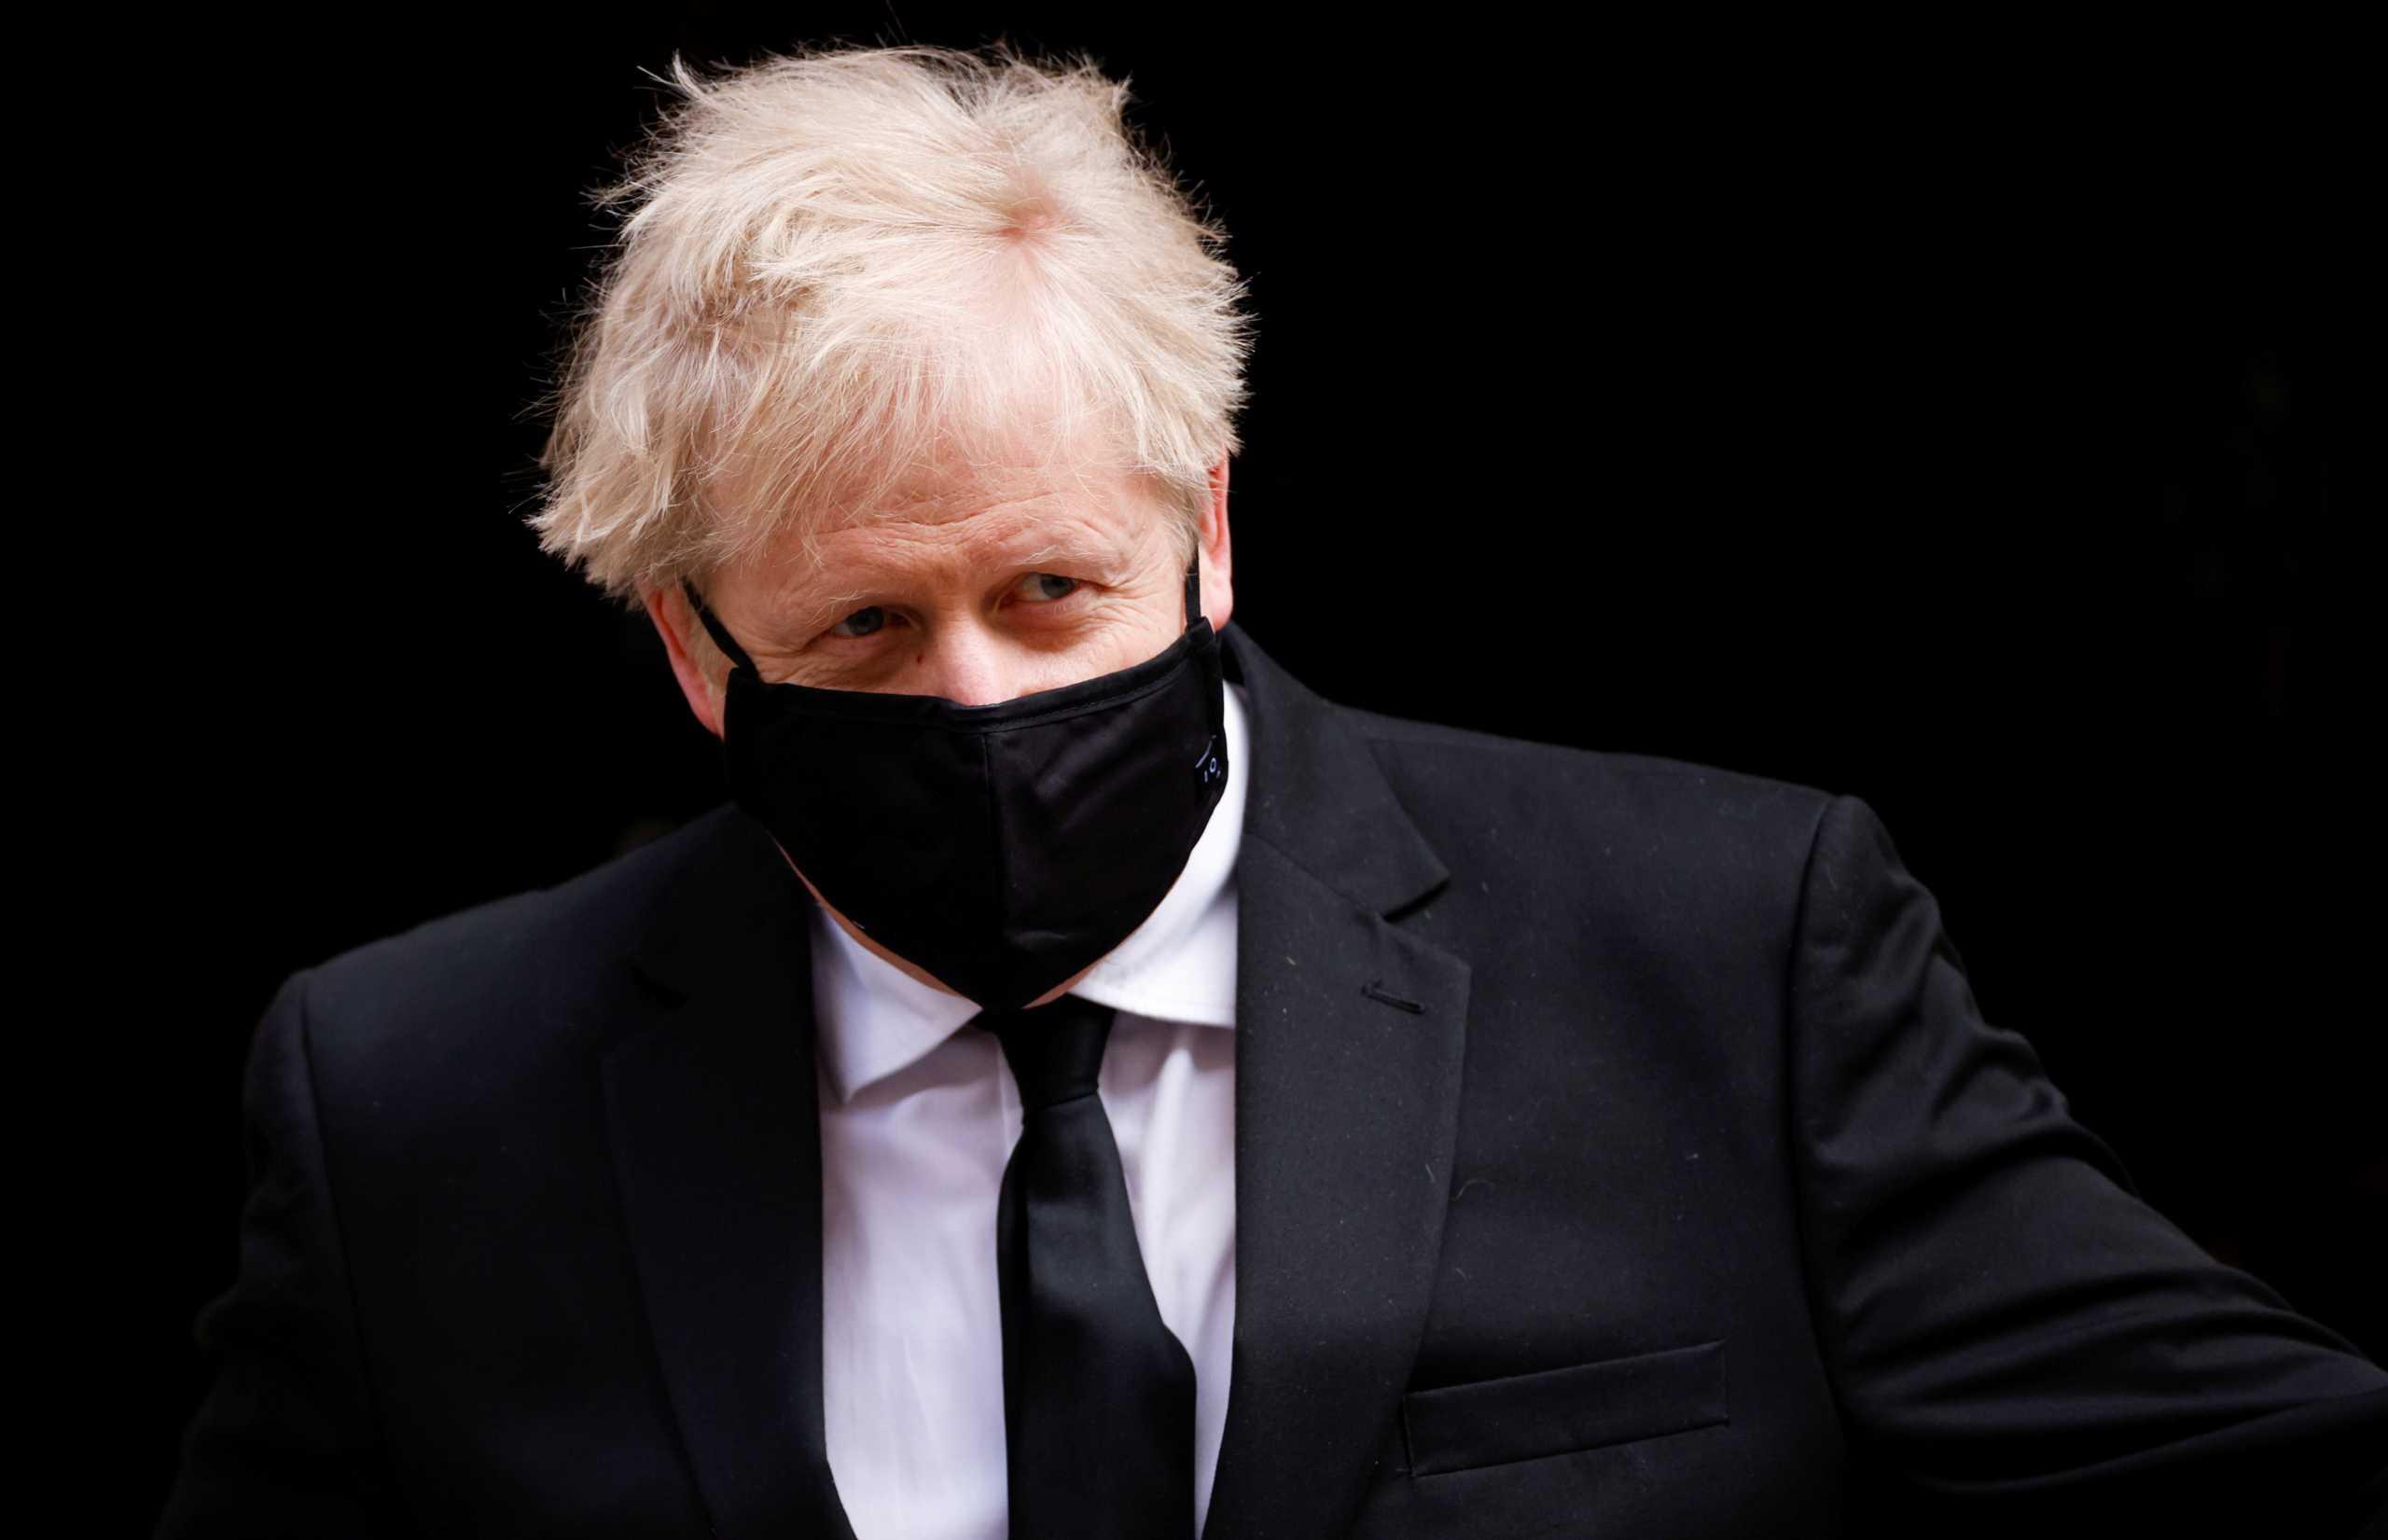 Βρετανία: Σε πλήρη καραντίνα τελικά ο Μπόρις Τζόνσον